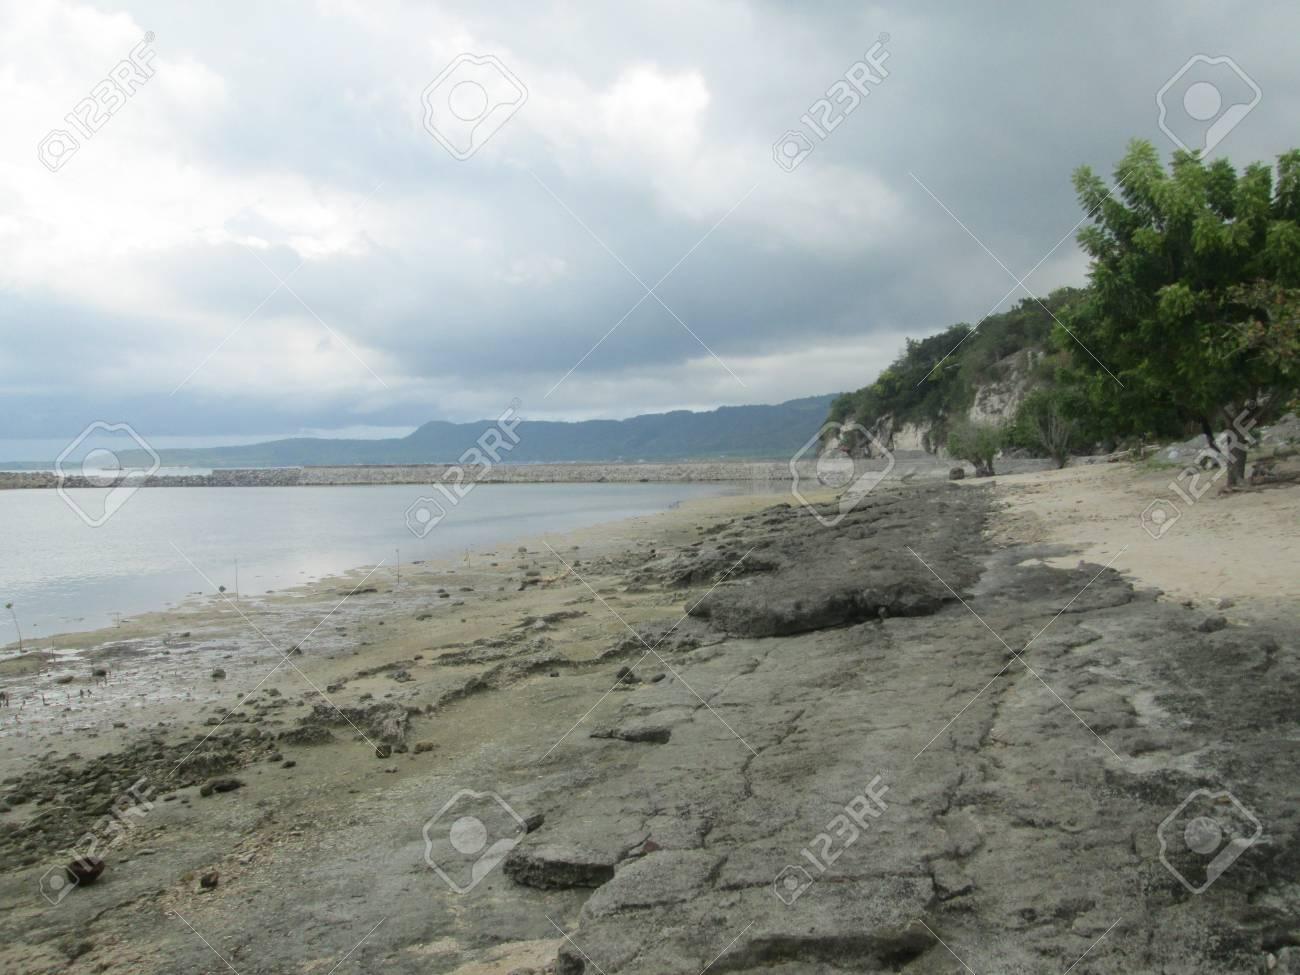 海岸平野は揺れる の写真素材・画像素材 Image 33488789.